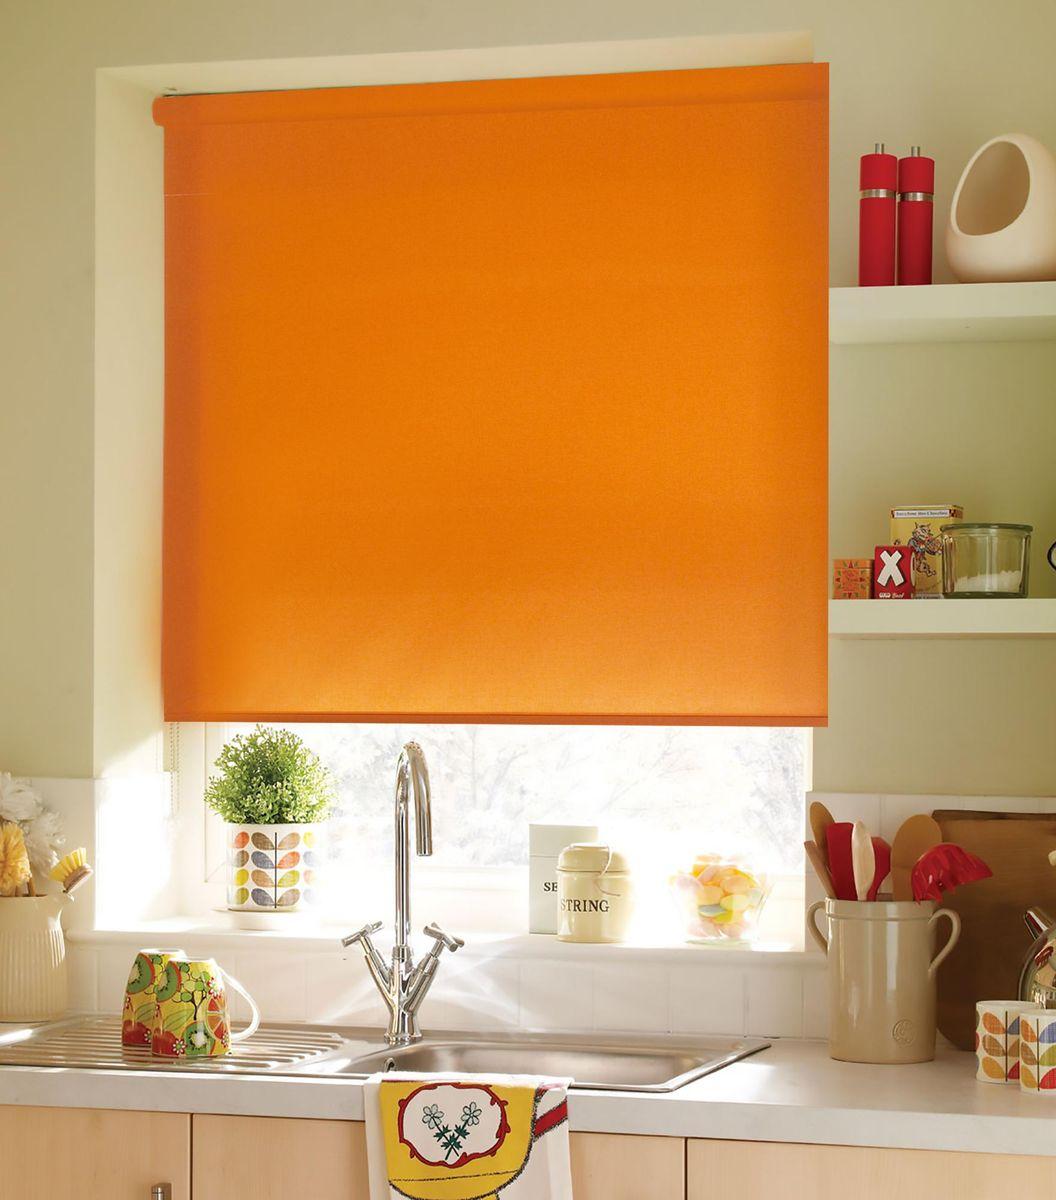 Штора рулонная Эскар, цвет: апельсиновый, ширина 60 см, высота 170 см80621Рулонными шторами можно оформлять окна как самостоятельно, так и использовать в комбинации с портьерами. Это поможет предотвратить выгорание дорогой ткани на солнце и соединит функционал рулонных с красотой навесных.Преимущества применения рулонных штор для пластиковых окон:- имеют прекрасный внешний вид: многообразие и фактурность материала изделия отлично смотрятся в любом интерьере; - многофункциональны: есть возможность подобрать шторы способные эффективно защитить комнату от солнца, при этом о на не будет слишком темной. - Есть возможность осуществить быстрый монтаж. ВНИМАНИЕ! Размеры ширины изделия указаны по ширине ткани!Во время эксплуатации не рекомендуется полностью разматывать рулон, чтобы не оторвать ткань от намоточного вала.В случае загрязнения поверхности ткани, чистку шторы проводят одним из способов, в зависимости от типа загрязнения: легкое поверхностное загрязнение можно удалить при помощи канцелярского ластика; чистка от пыли производится сухим методом при помощи пылесоса с мягкой щеткой-насадкой; для удаления пятна используйте мягкую губку с пенообразующим неагрессивным моющим средством или пятновыводитель на натуральной основе (нельзя применять растворители).